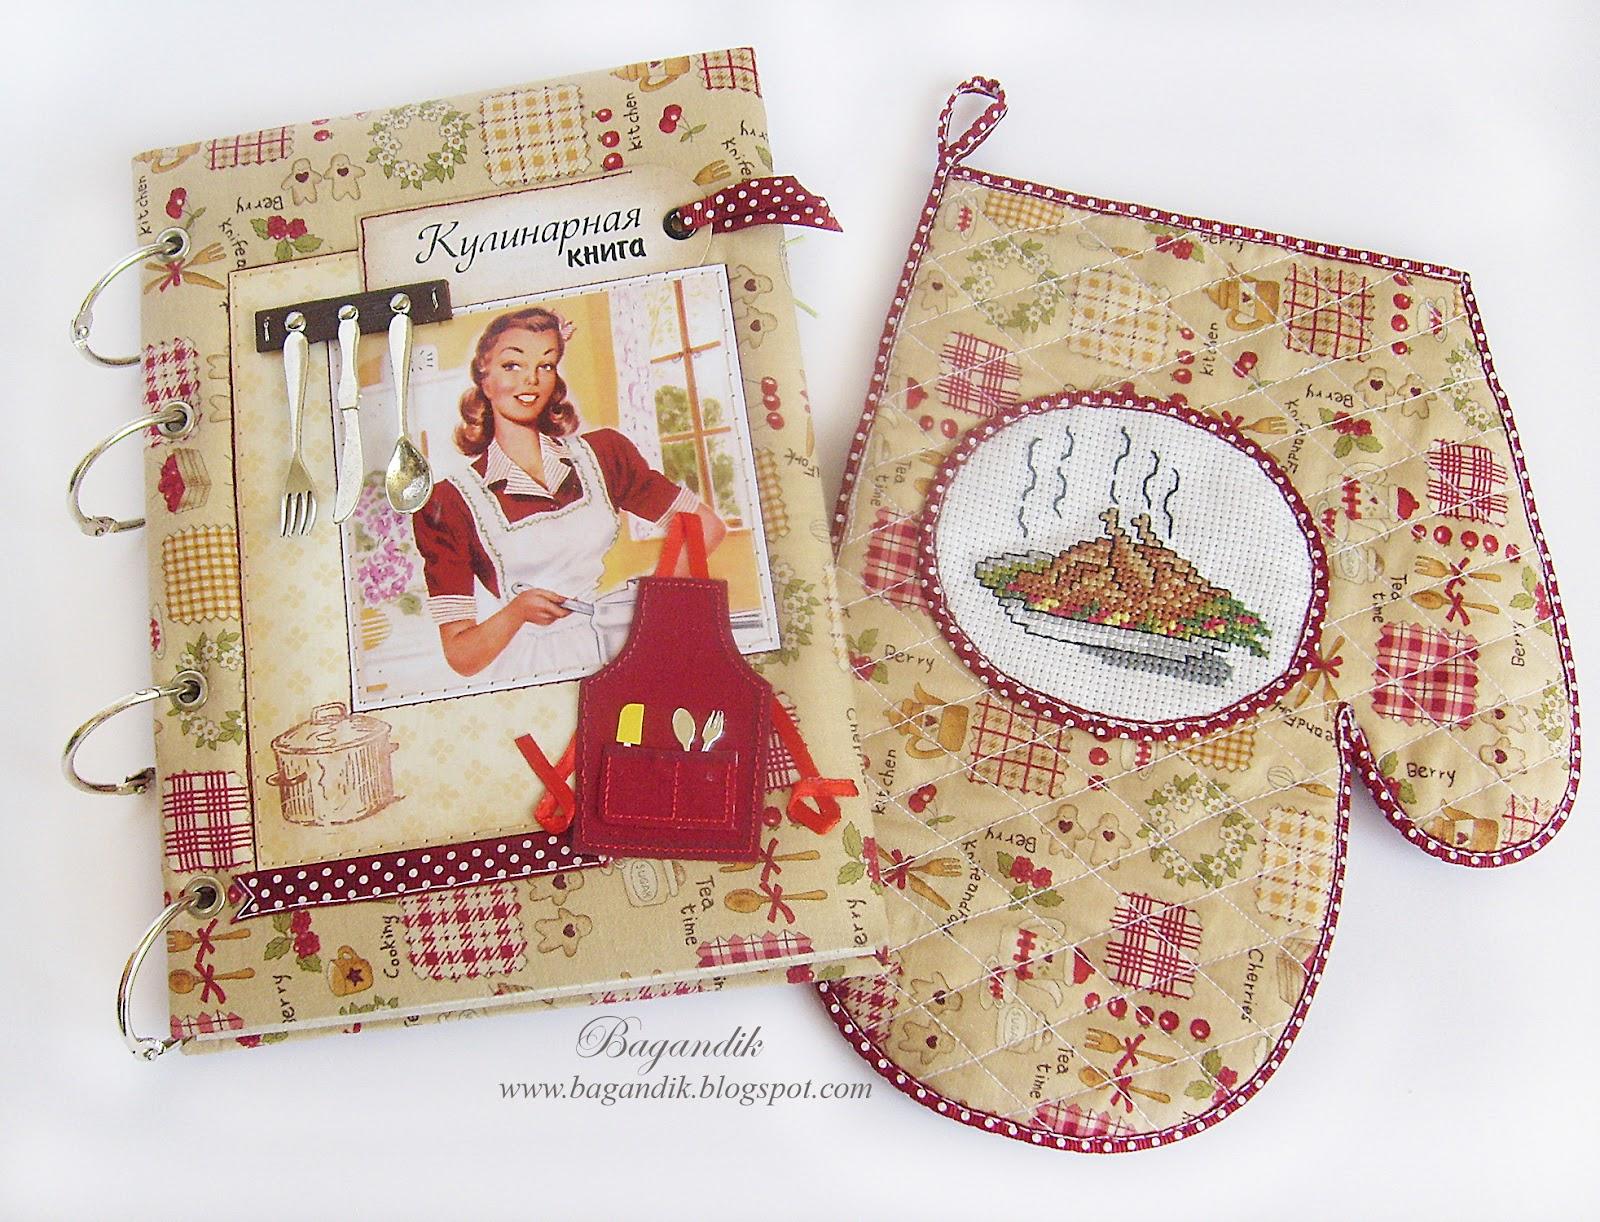 Вышивка для кулинарной книги